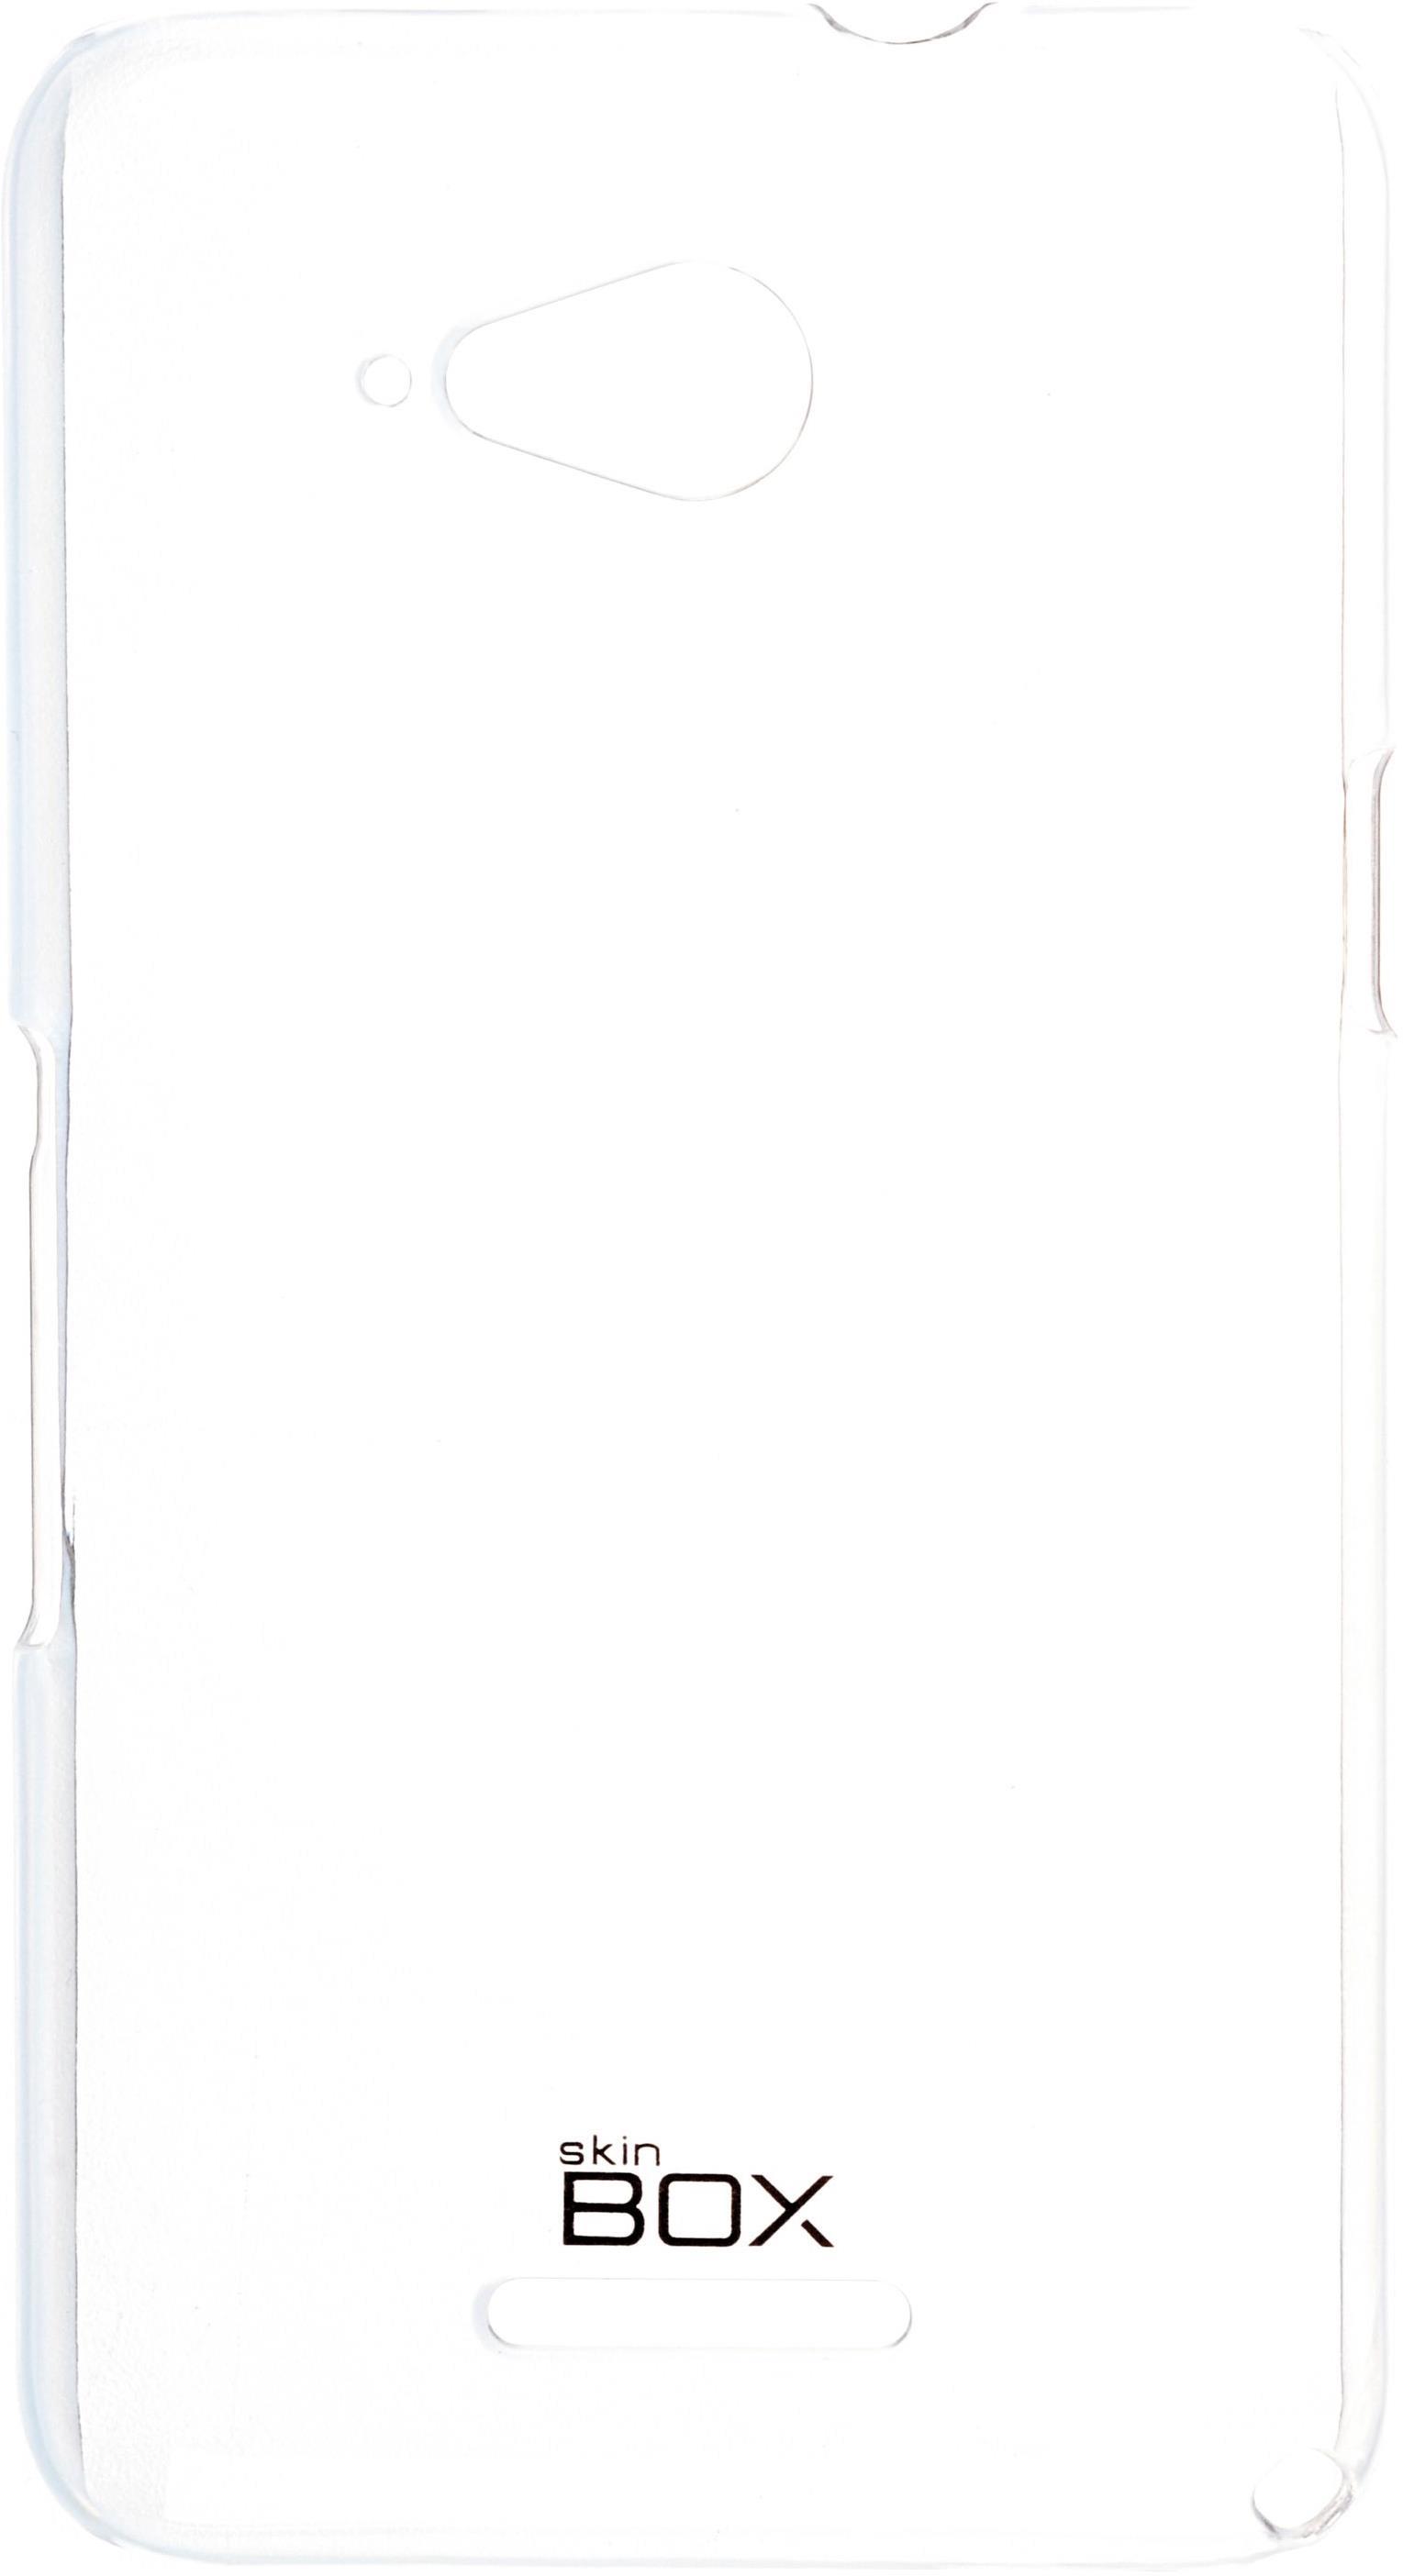 Чехол для сотового телефона skinBOX Crystal, 4630042527959, прозрачный чехол для сотового телефона skinbox crystal 4630042524613 прозрачный